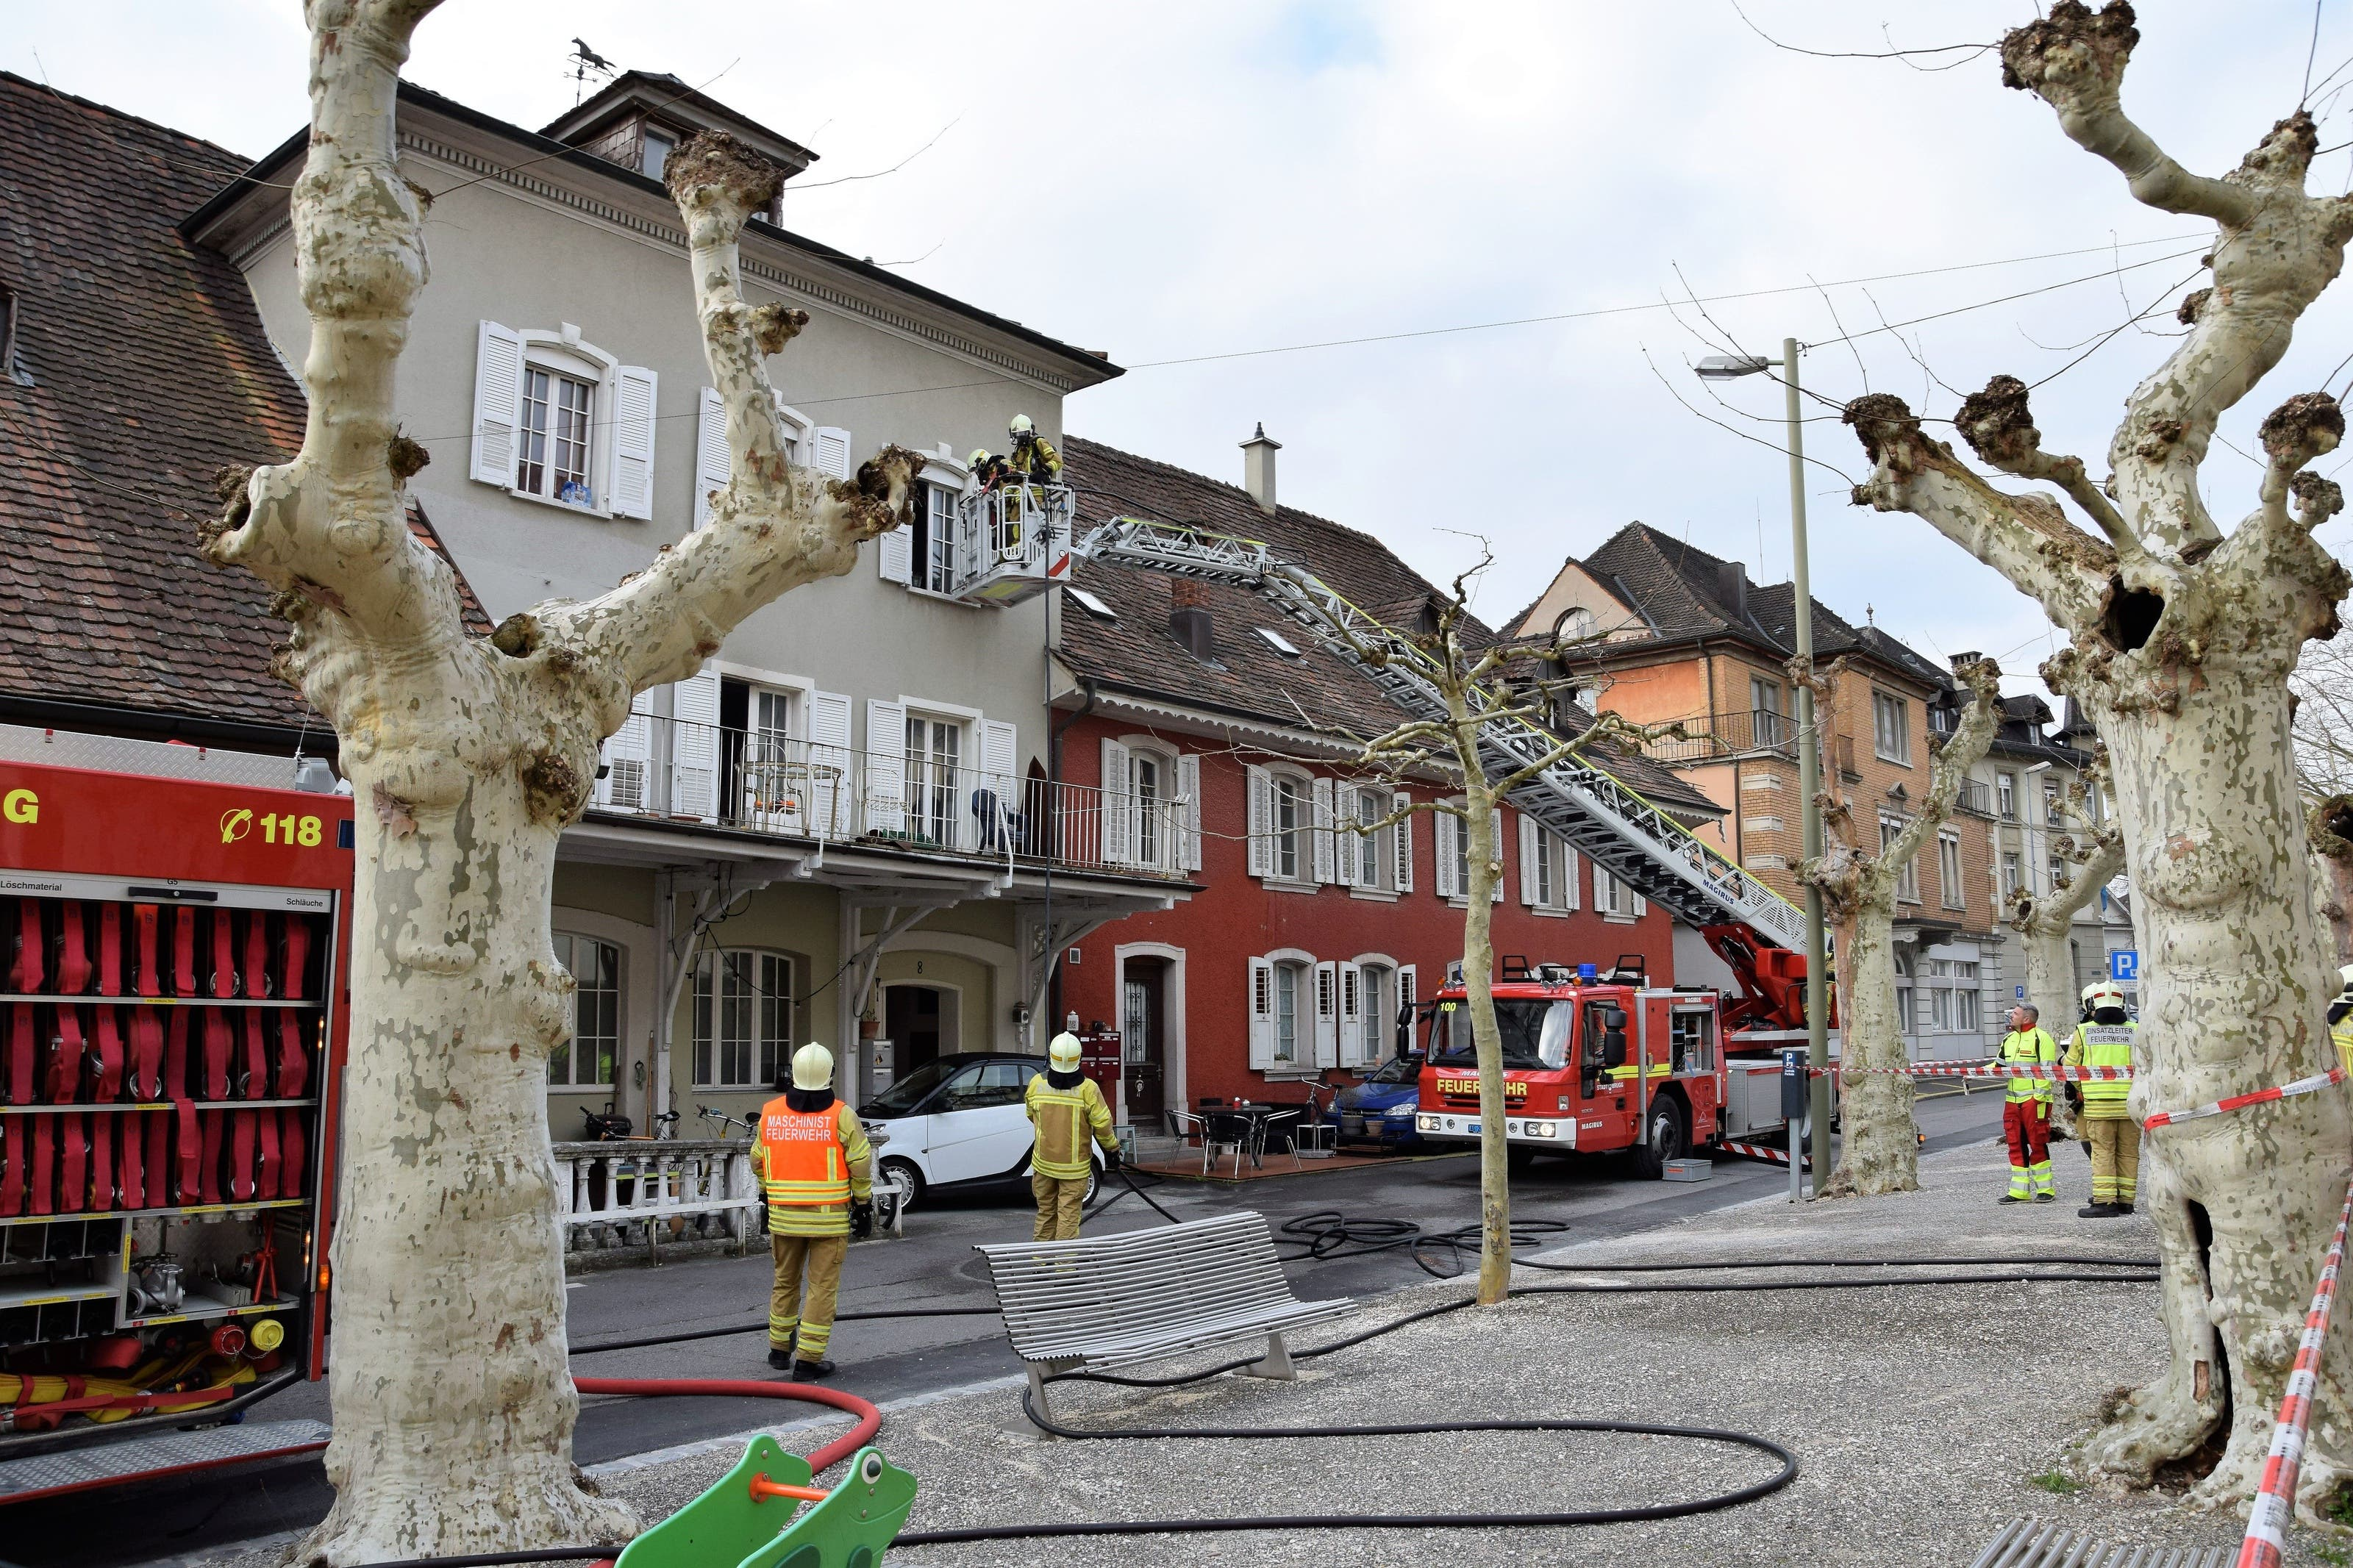 In der alten Schmitte an der Schulthess-Allee in Brugg ist es am Dienstagmorgen zu einem Zimmerbrand gekommen.